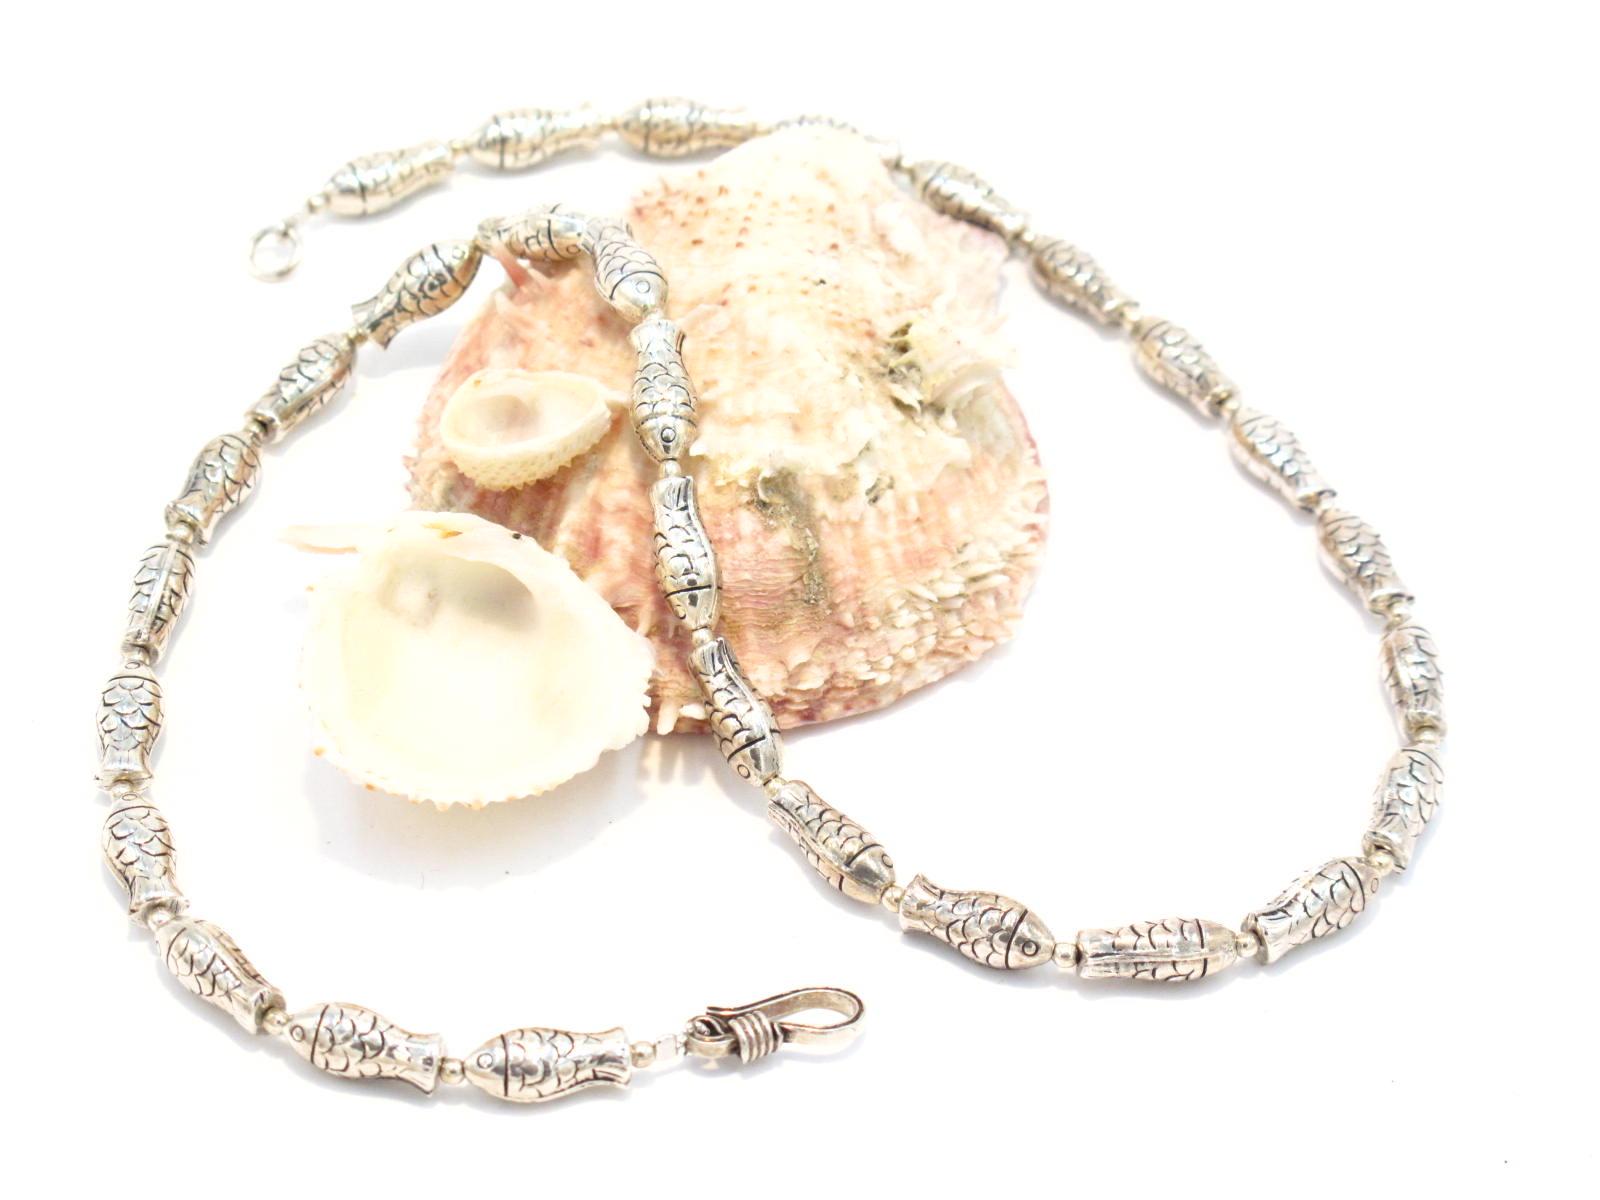 Collana in argento con pesci uno degli otto simboli